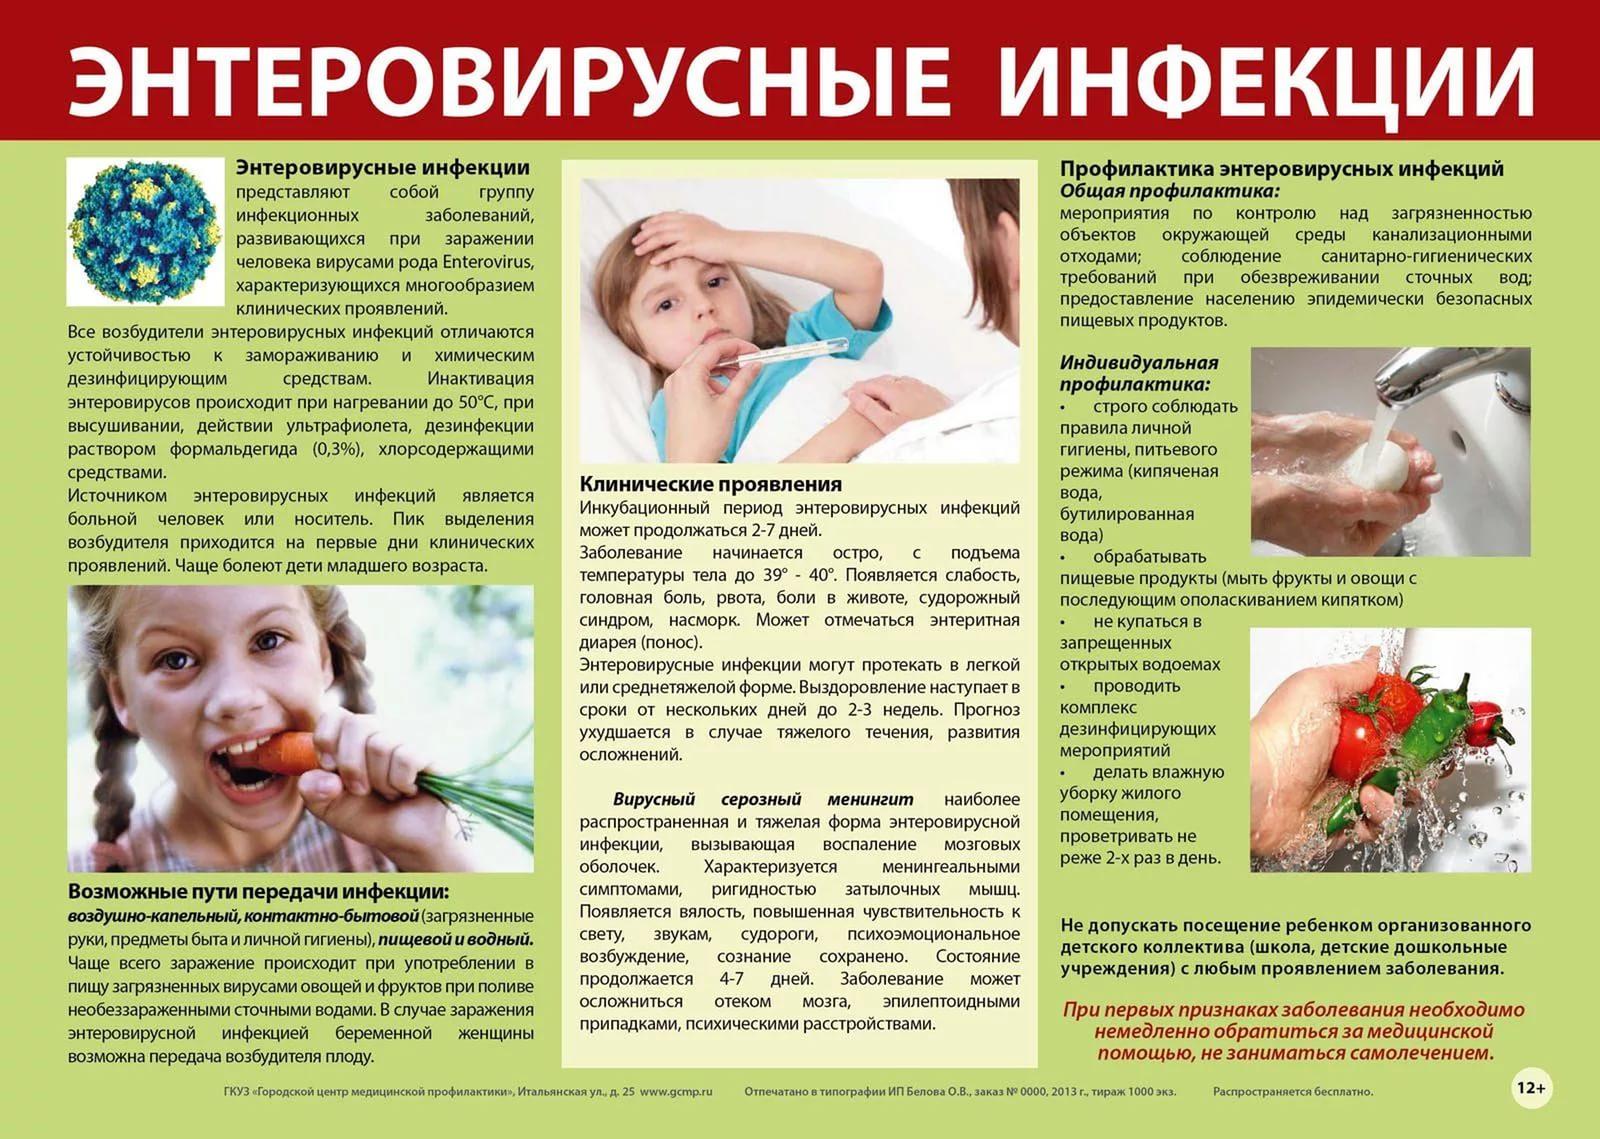 Энтеровирусная инфекция у детей: симптомы и лечение (55 фото): что это такое - признаки и инкубационный период, чем и какими препаратами лечить, профилактика